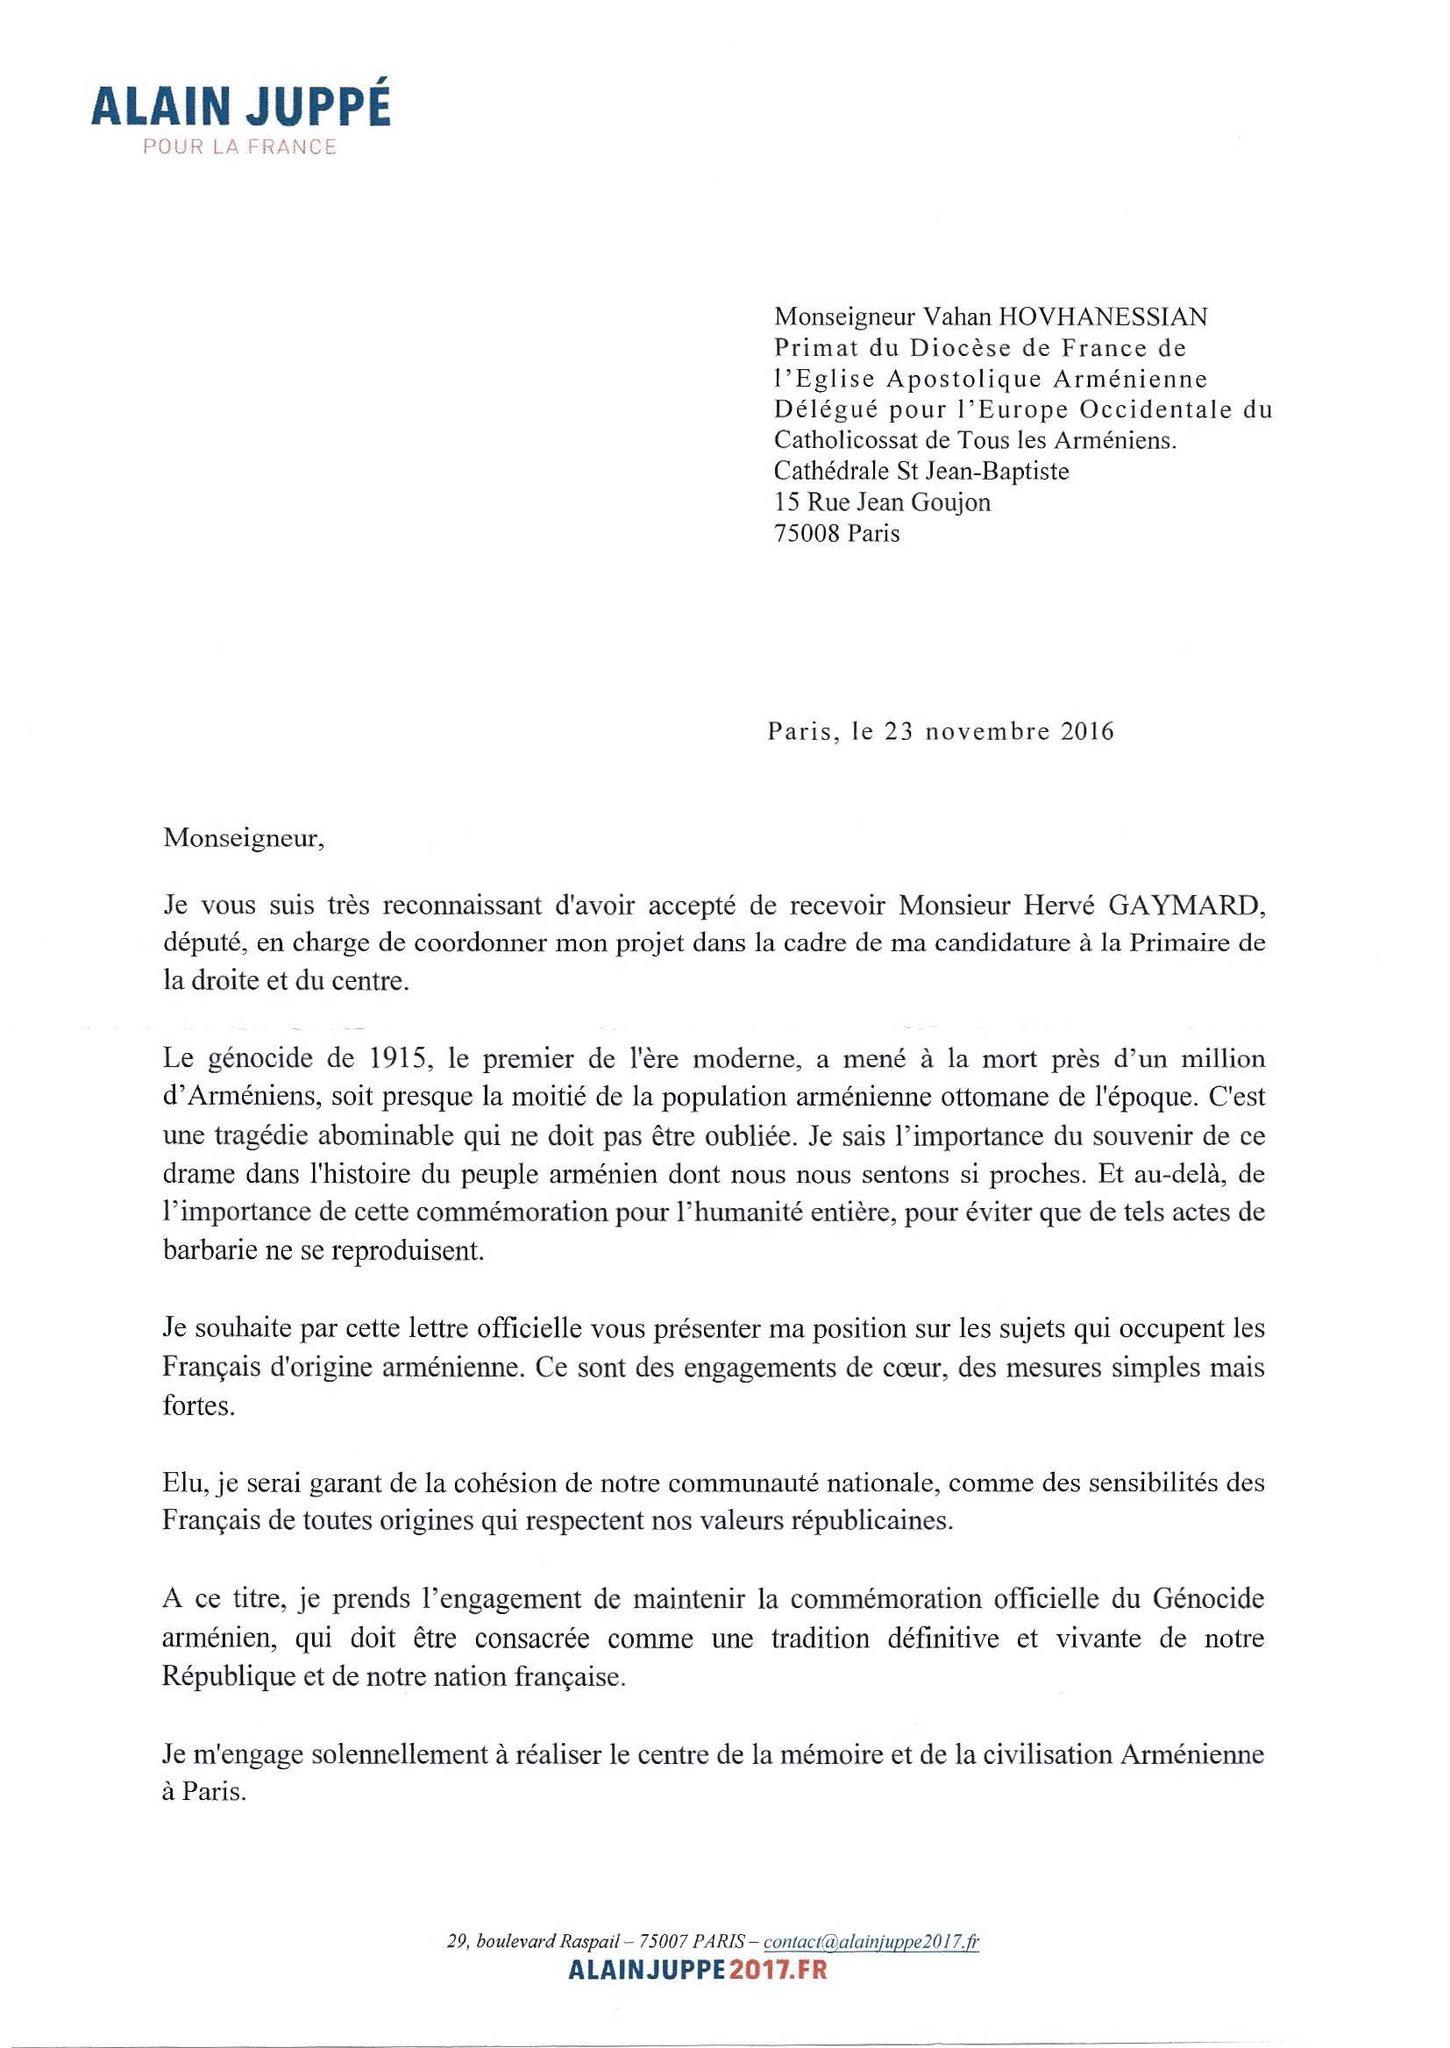 """Juppé 2017 Lyon 3° on Twitter: """"La lettre de @alainjuppe à ..."""